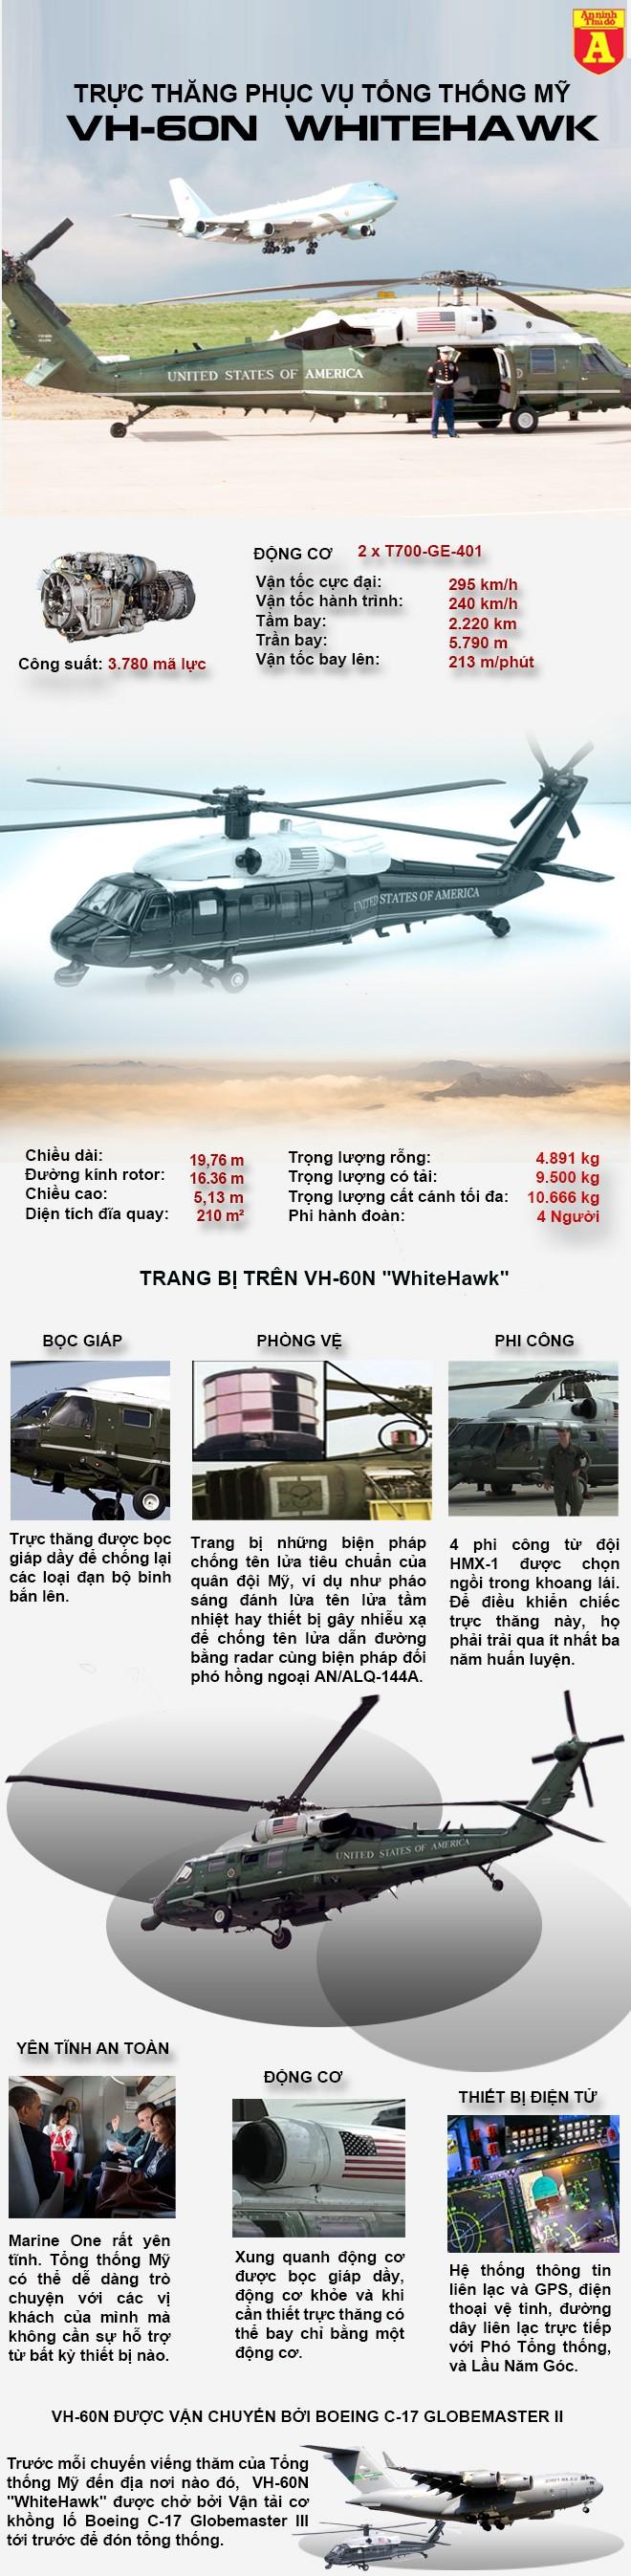 """[Infographic] Biến thể đặc biệt của trực thăng """"Diều hâu đen"""" dành cho tổng thống Donal Trump ảnh 2"""